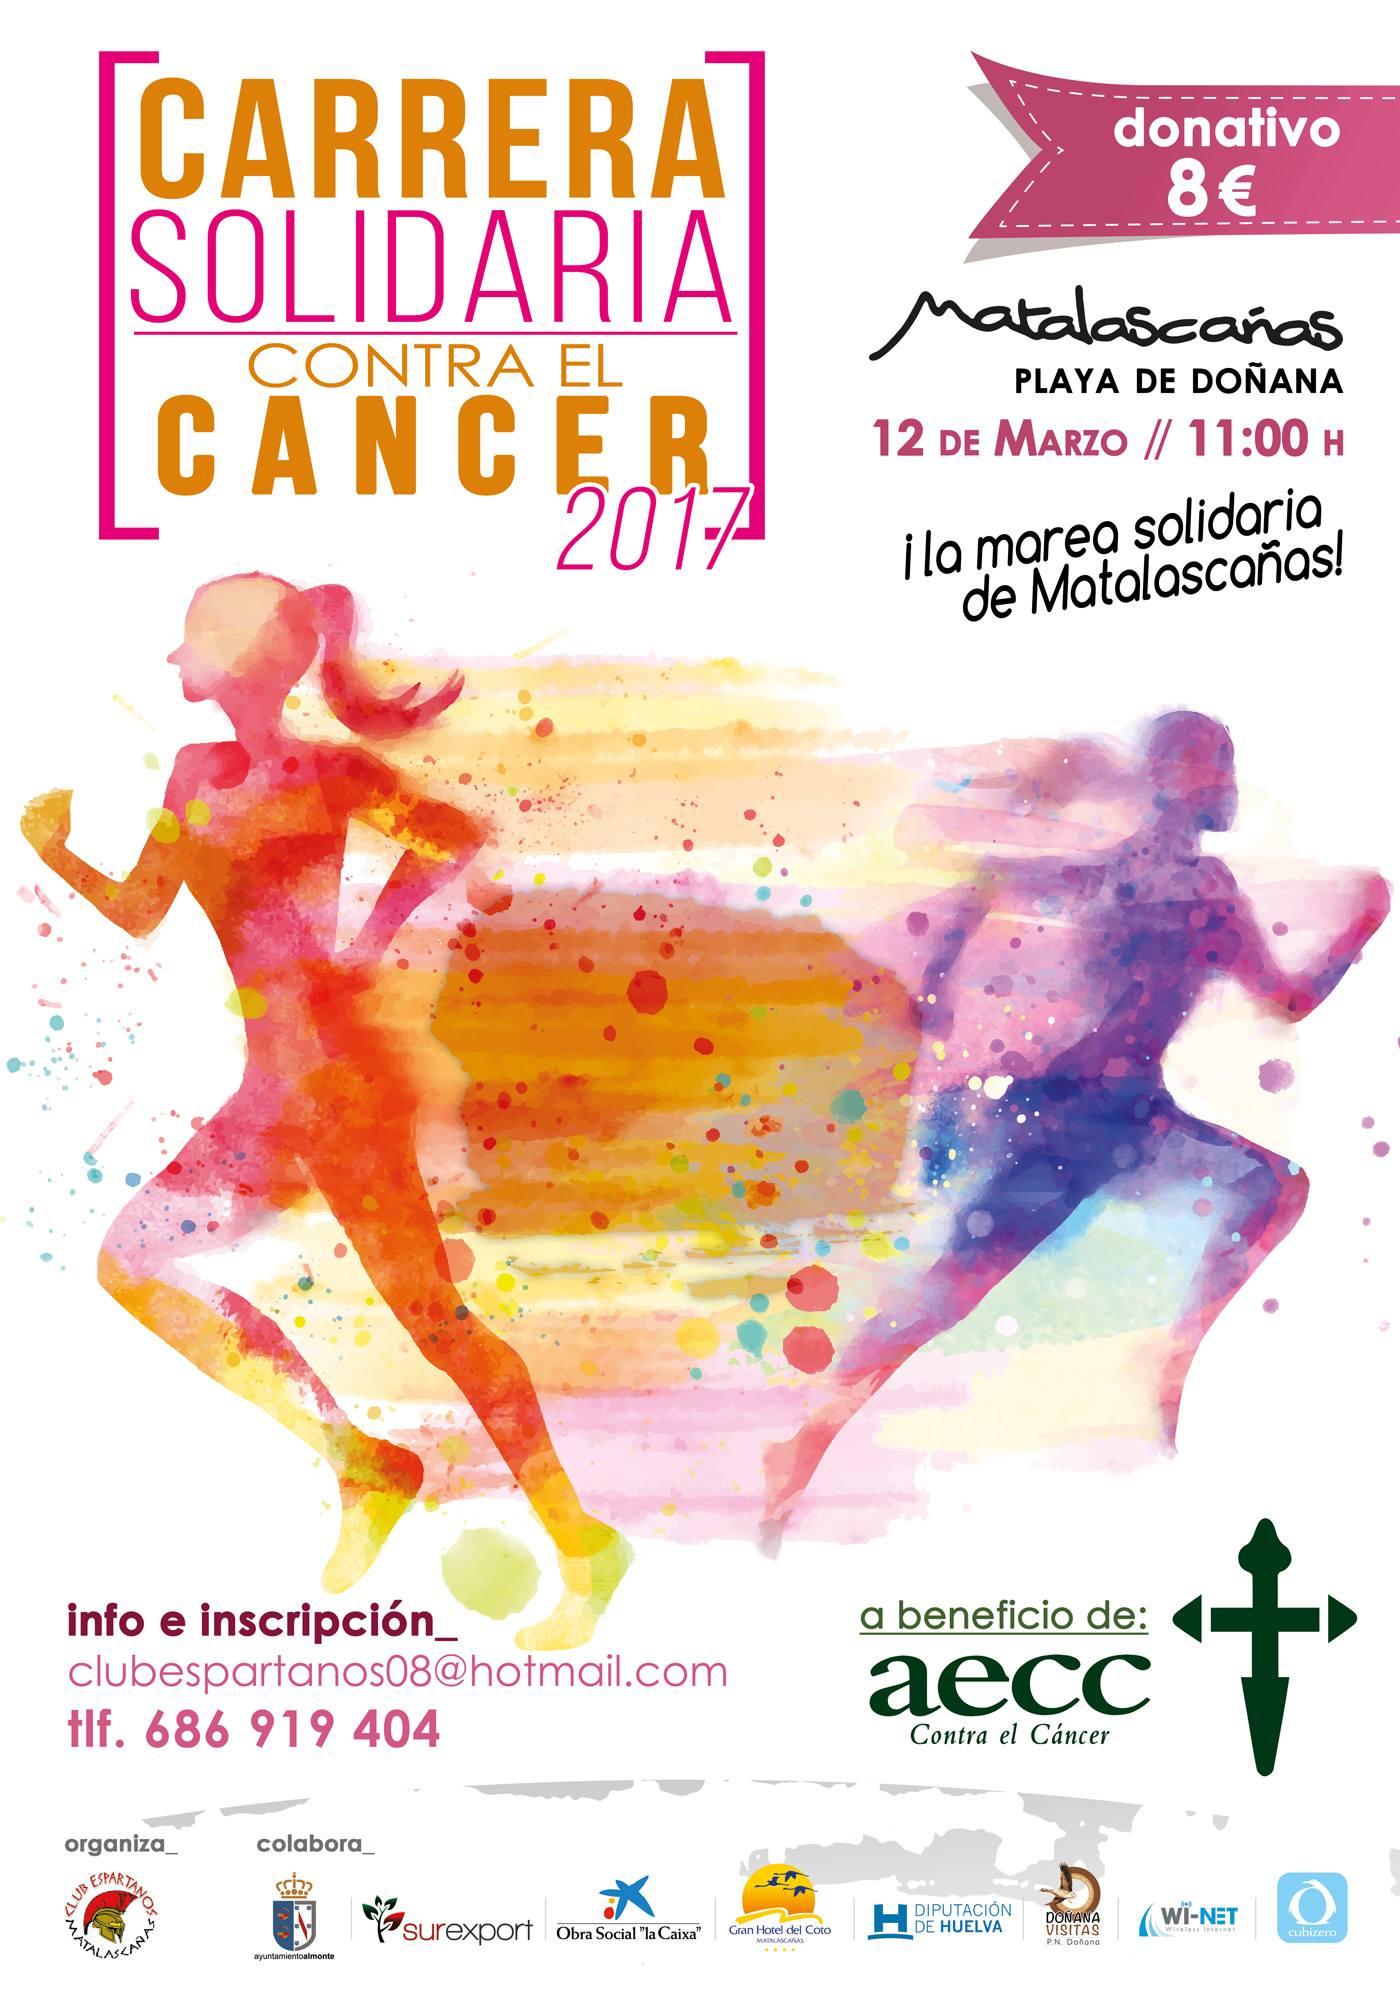 II MAREA SOLIDARIA CONTRA EL CANCER, MATALASCAÑAS - Inscríbete